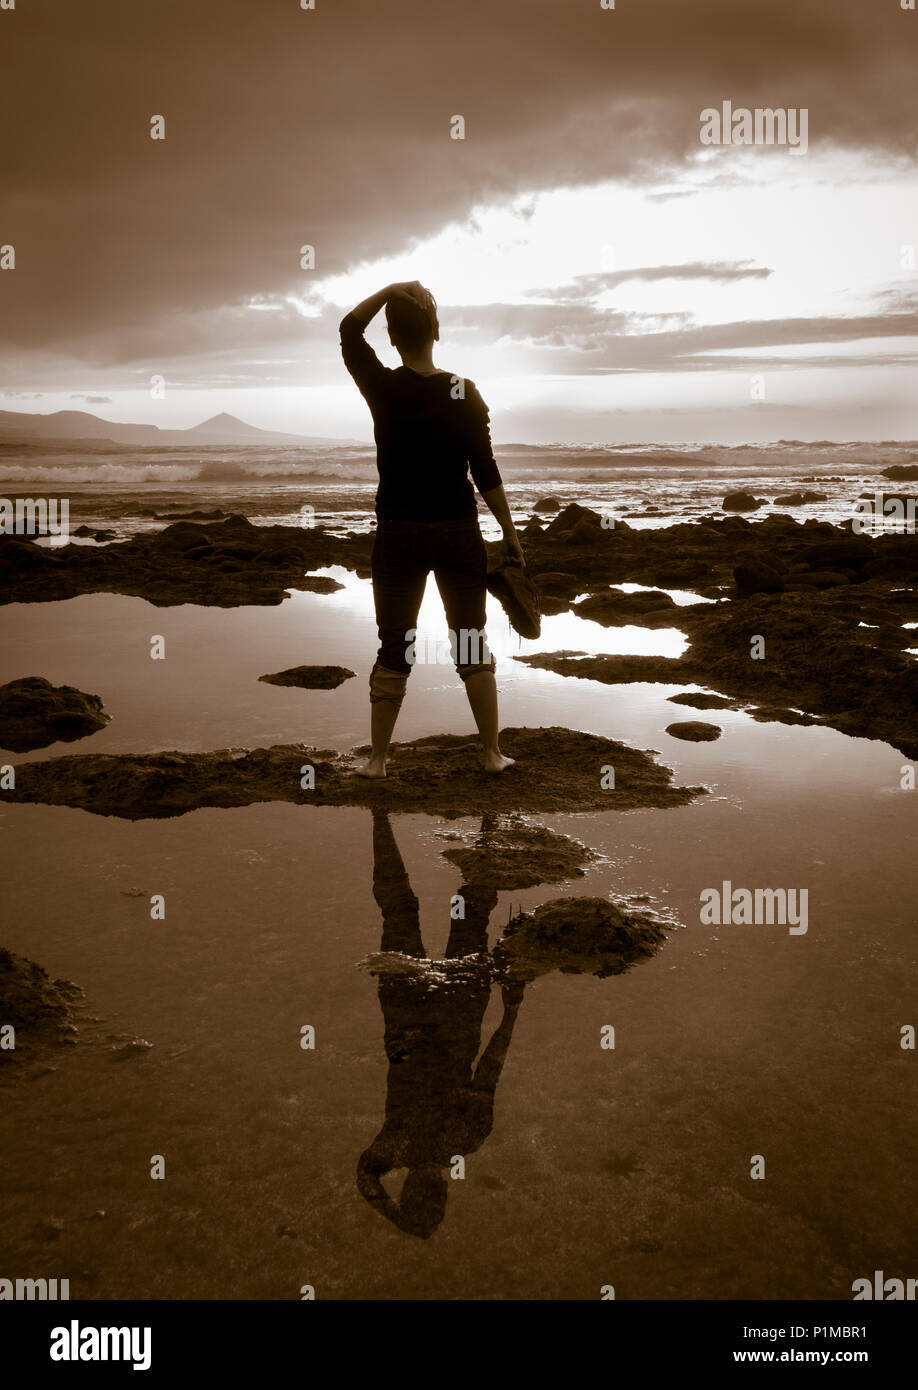 Vista trasera de la mujer sosteniendo los zapatos mirando al mar al atardecer: la meditación, la salud mental, la soledad, la libertad, la depresión..imagen concepto Foto de stock